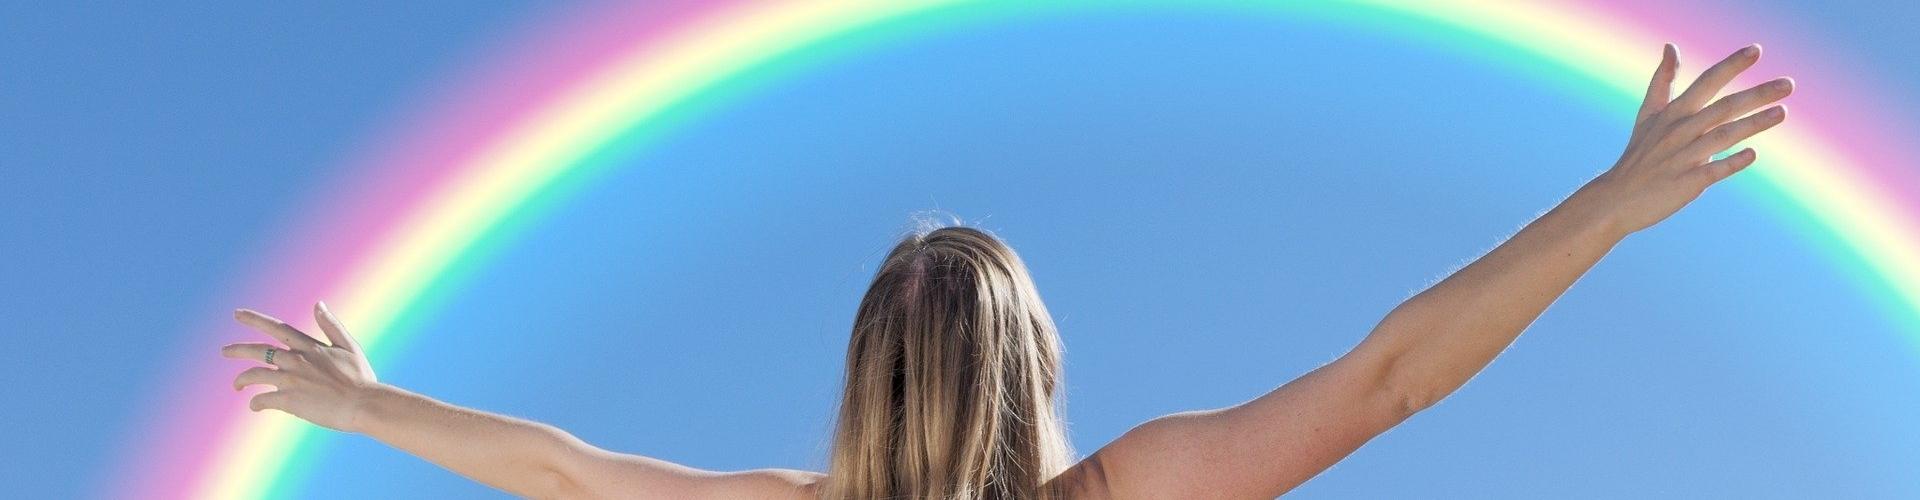 Vrouw in wit hemd voor een blauwe lucht met een regenboog